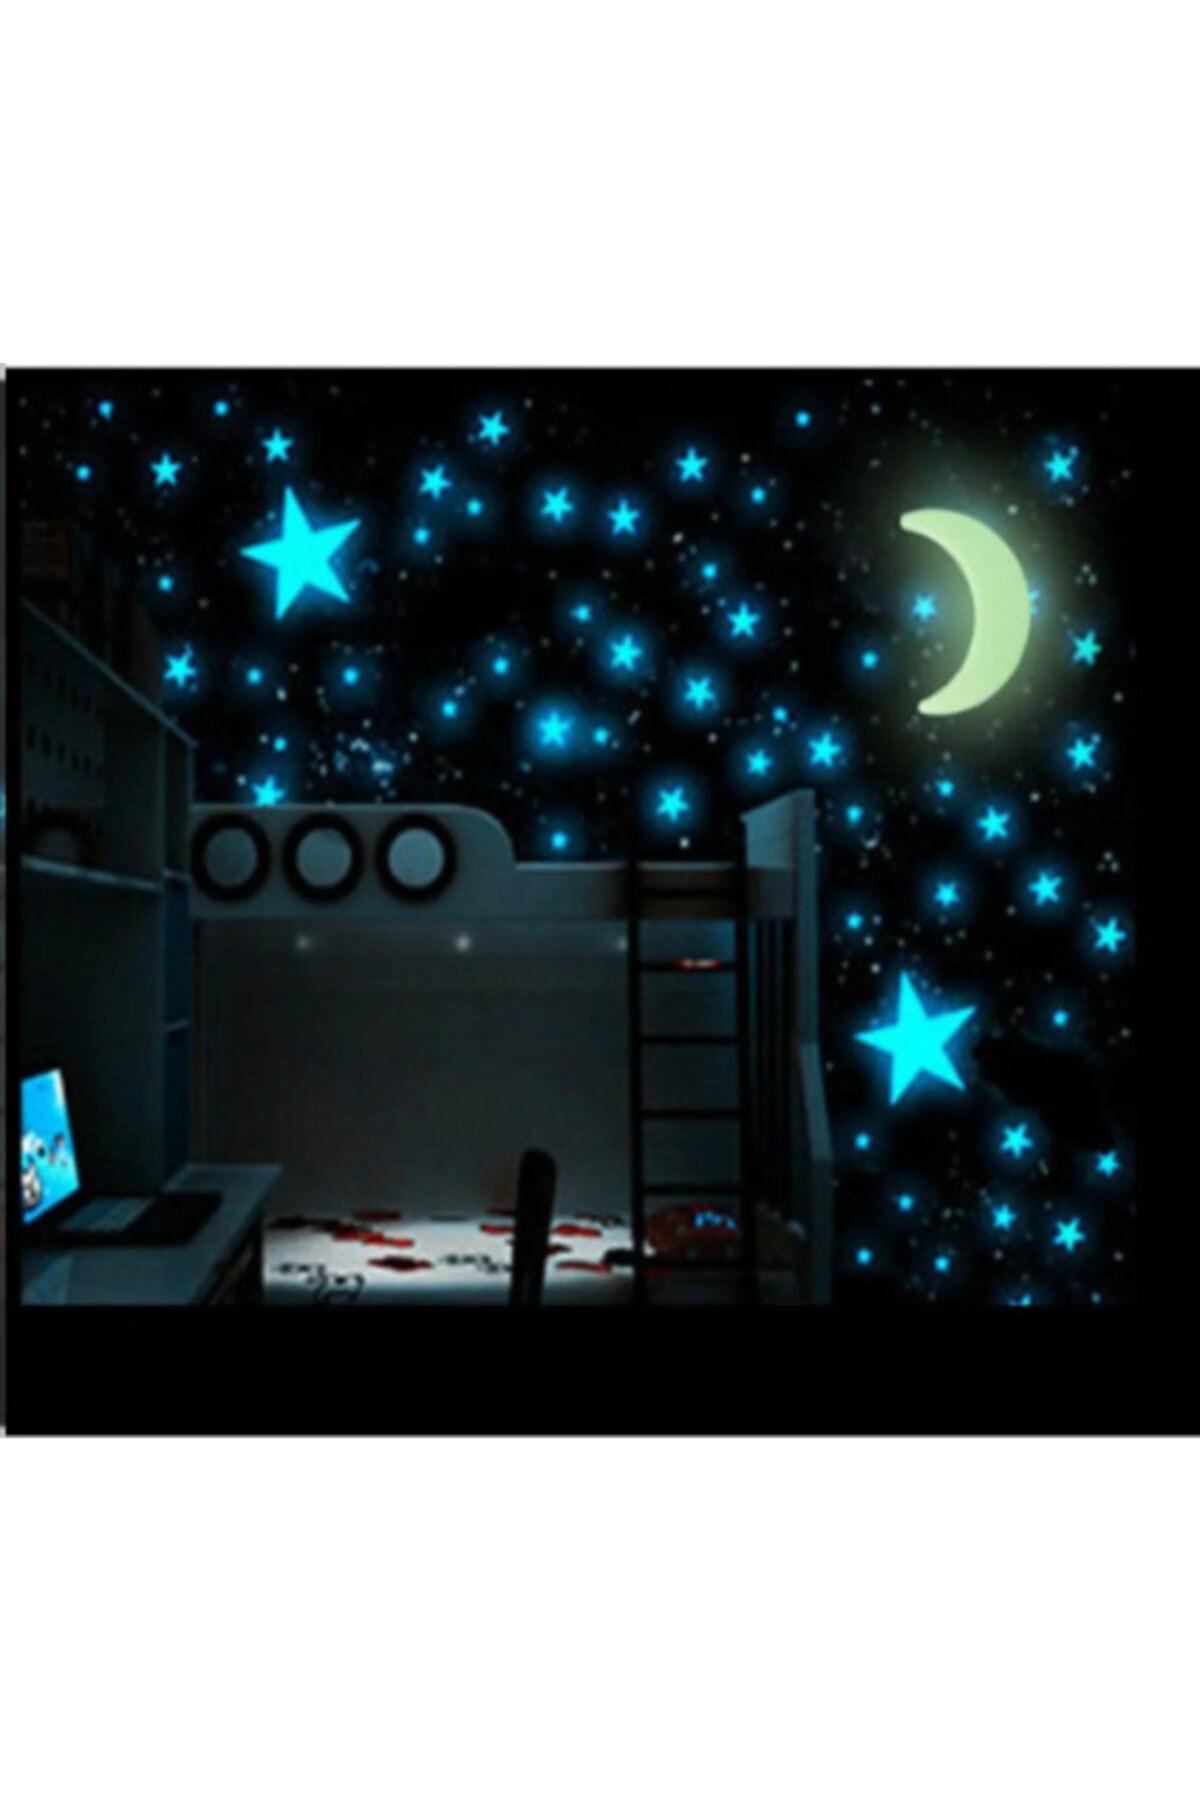 Fosforlu Yıldız 4 Cm Ve 3 Cm Çocuk Odası 80 Adet Karışık Boy 8 Adet 9 Cm Ay Dede Pvc Sticker